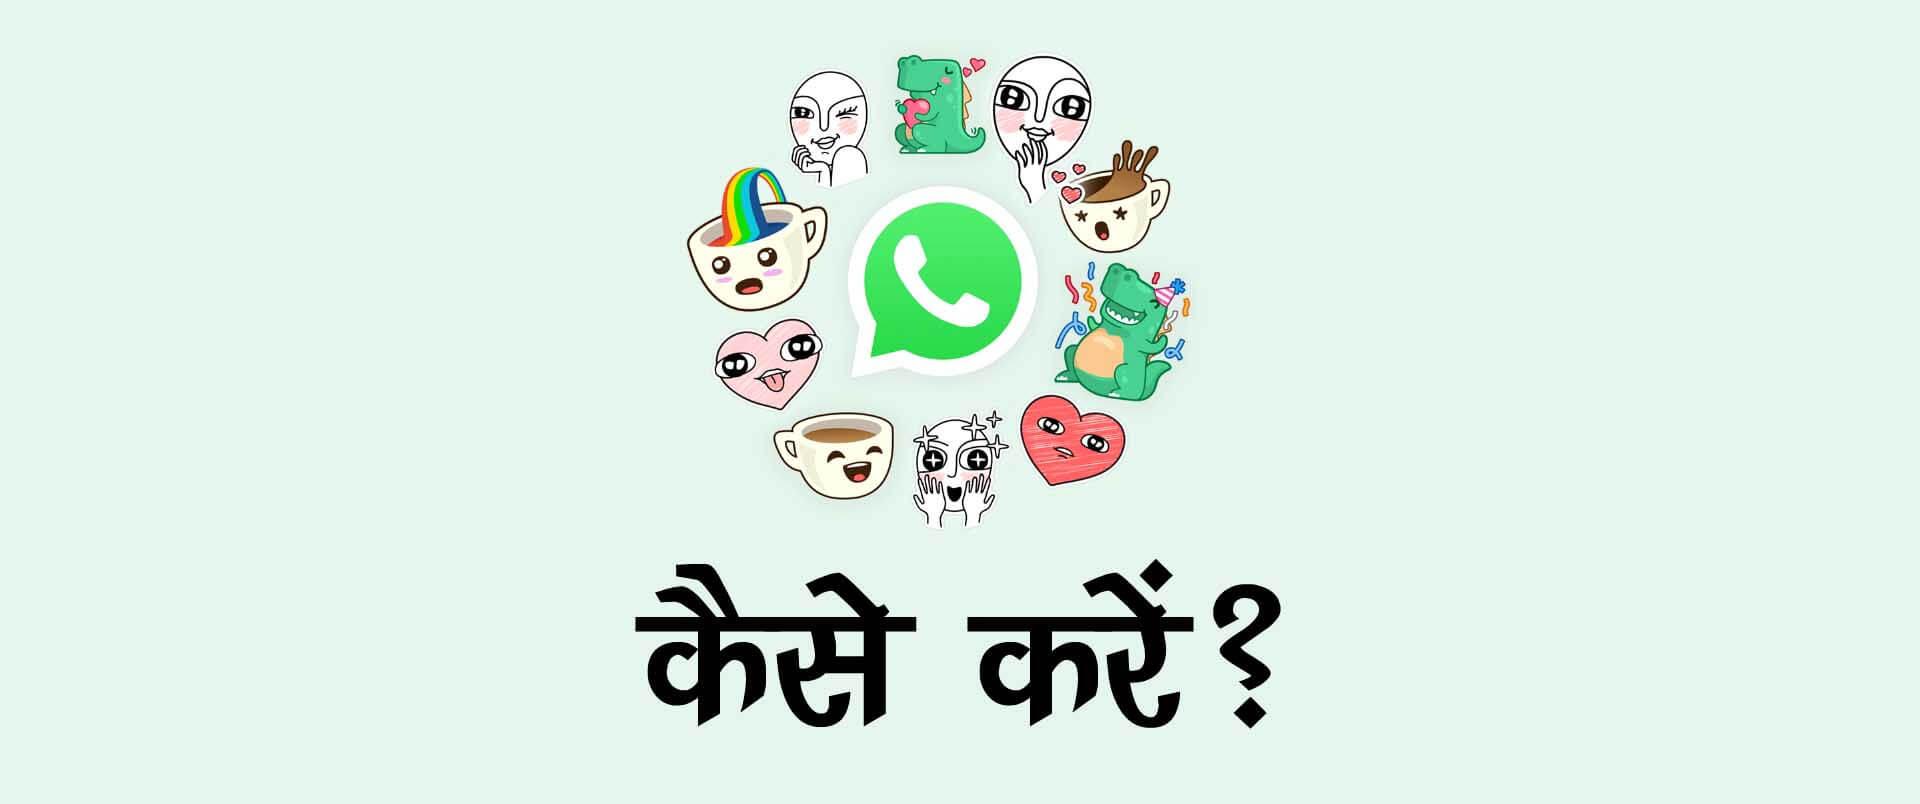 whatsapp sticker kaise download kare